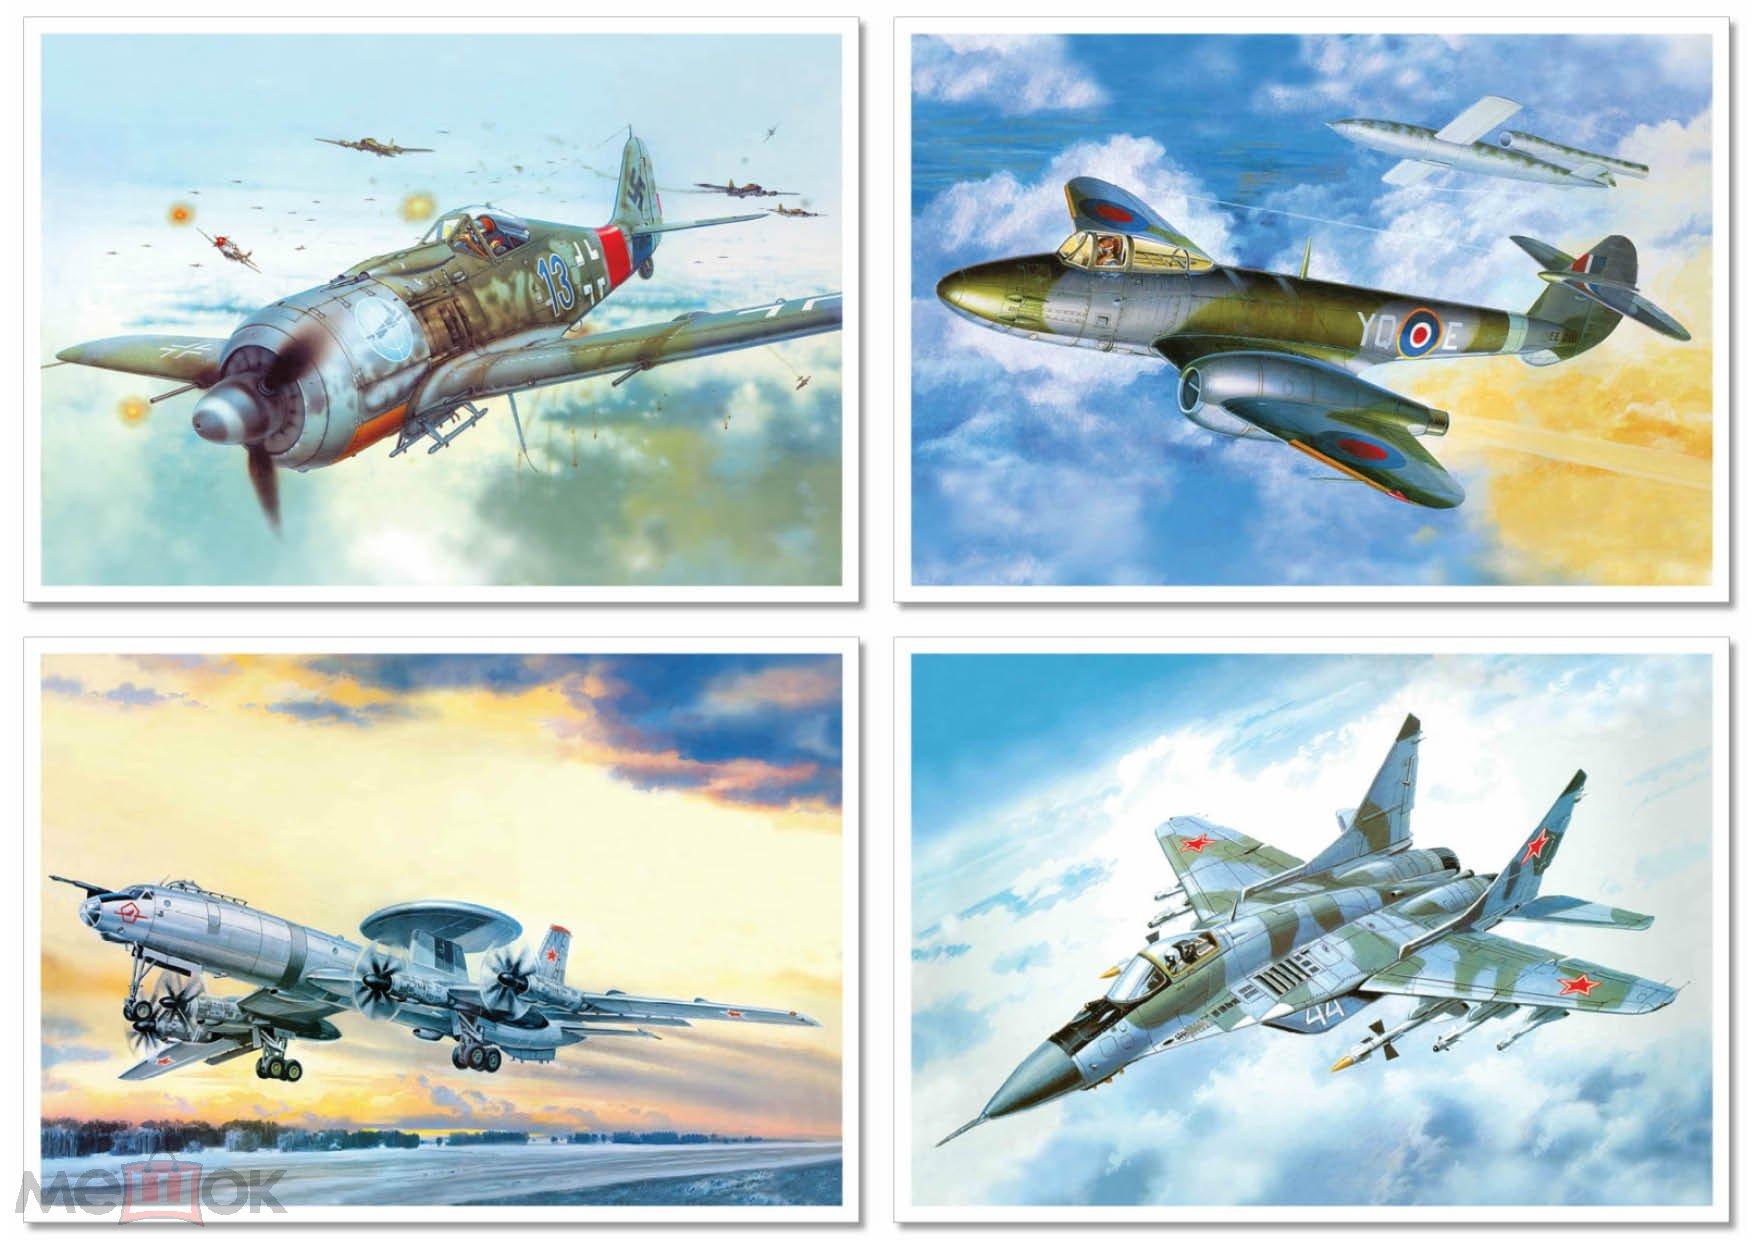 Открытка днем, набор открыток самолеты